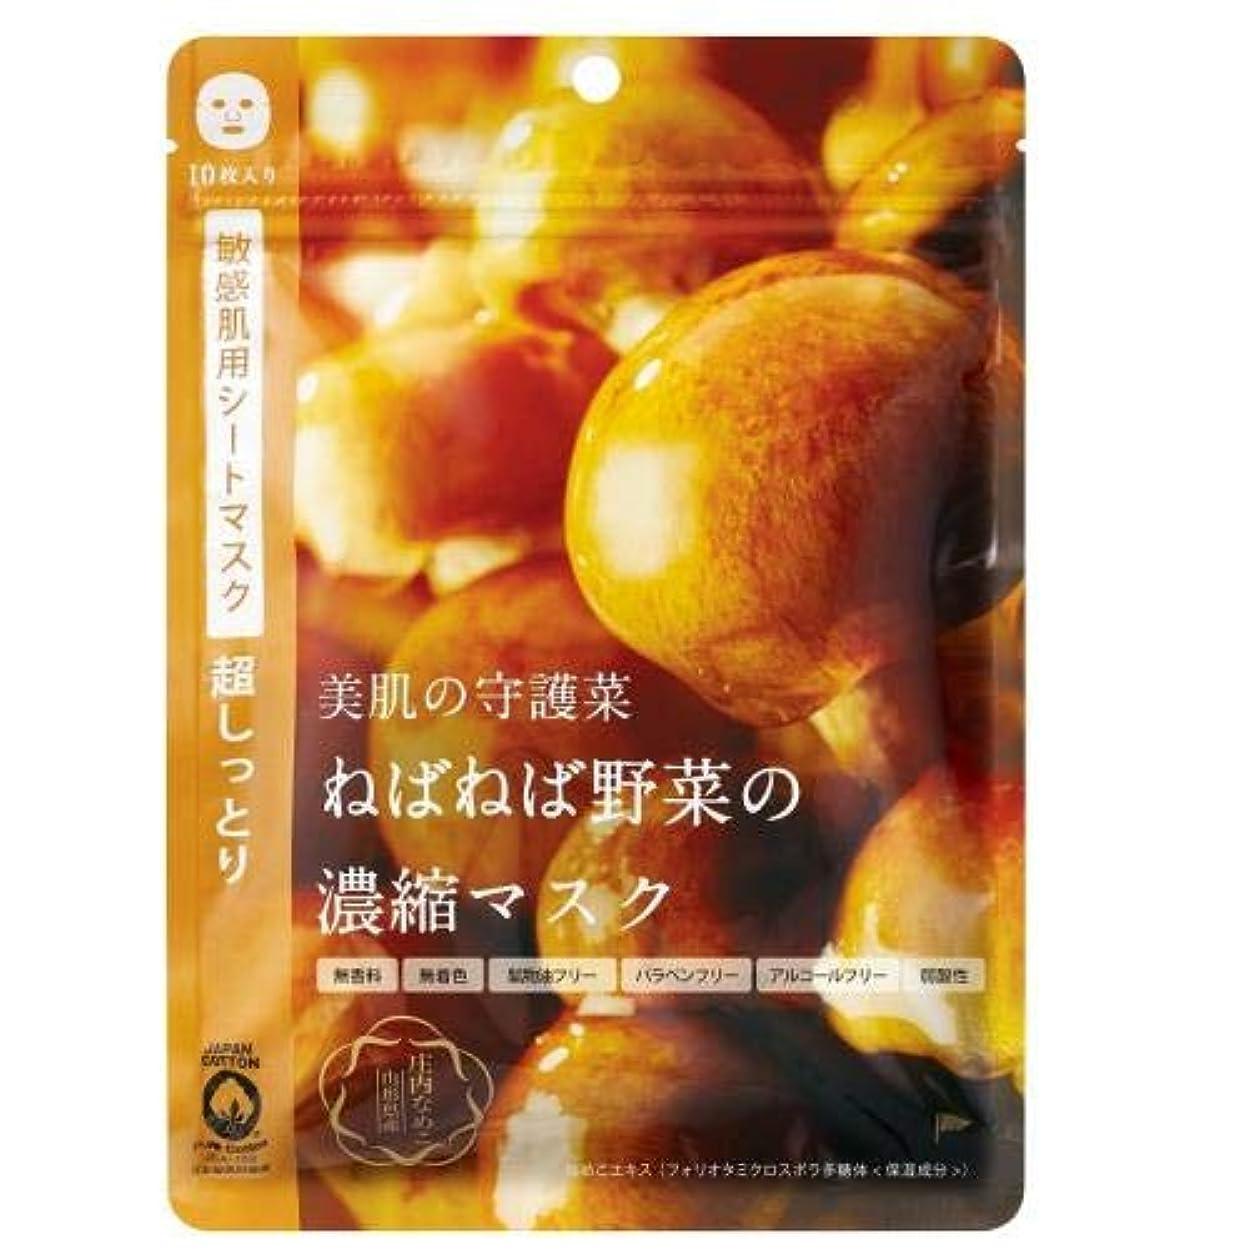 故意に申請者トランジスタアイメーカーズ @cosme nippon (アットコスメニッポン) 美肌の守護菜 ねばねば野菜の濃縮マスク 庄内なめこ 10枚 3個セット